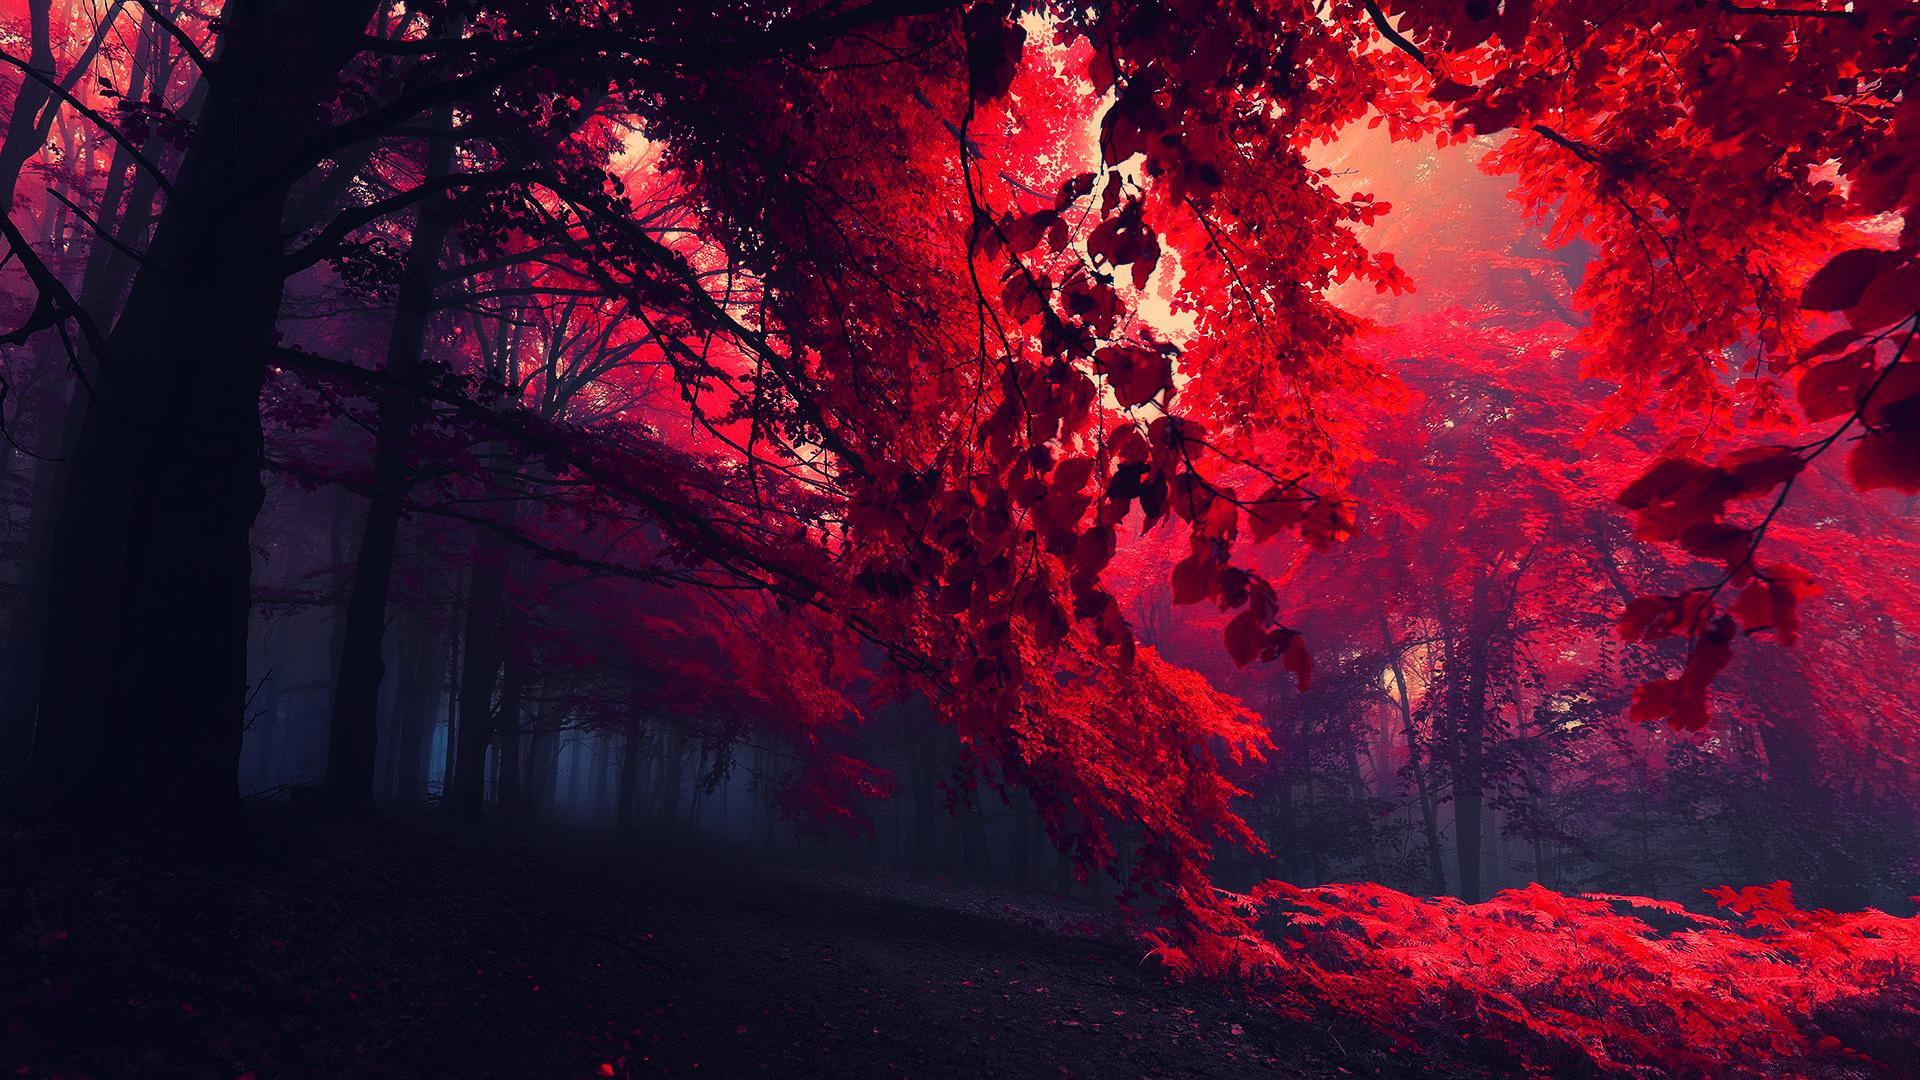 Beautiful Fall HD Wallpaper - WallpaperSafari